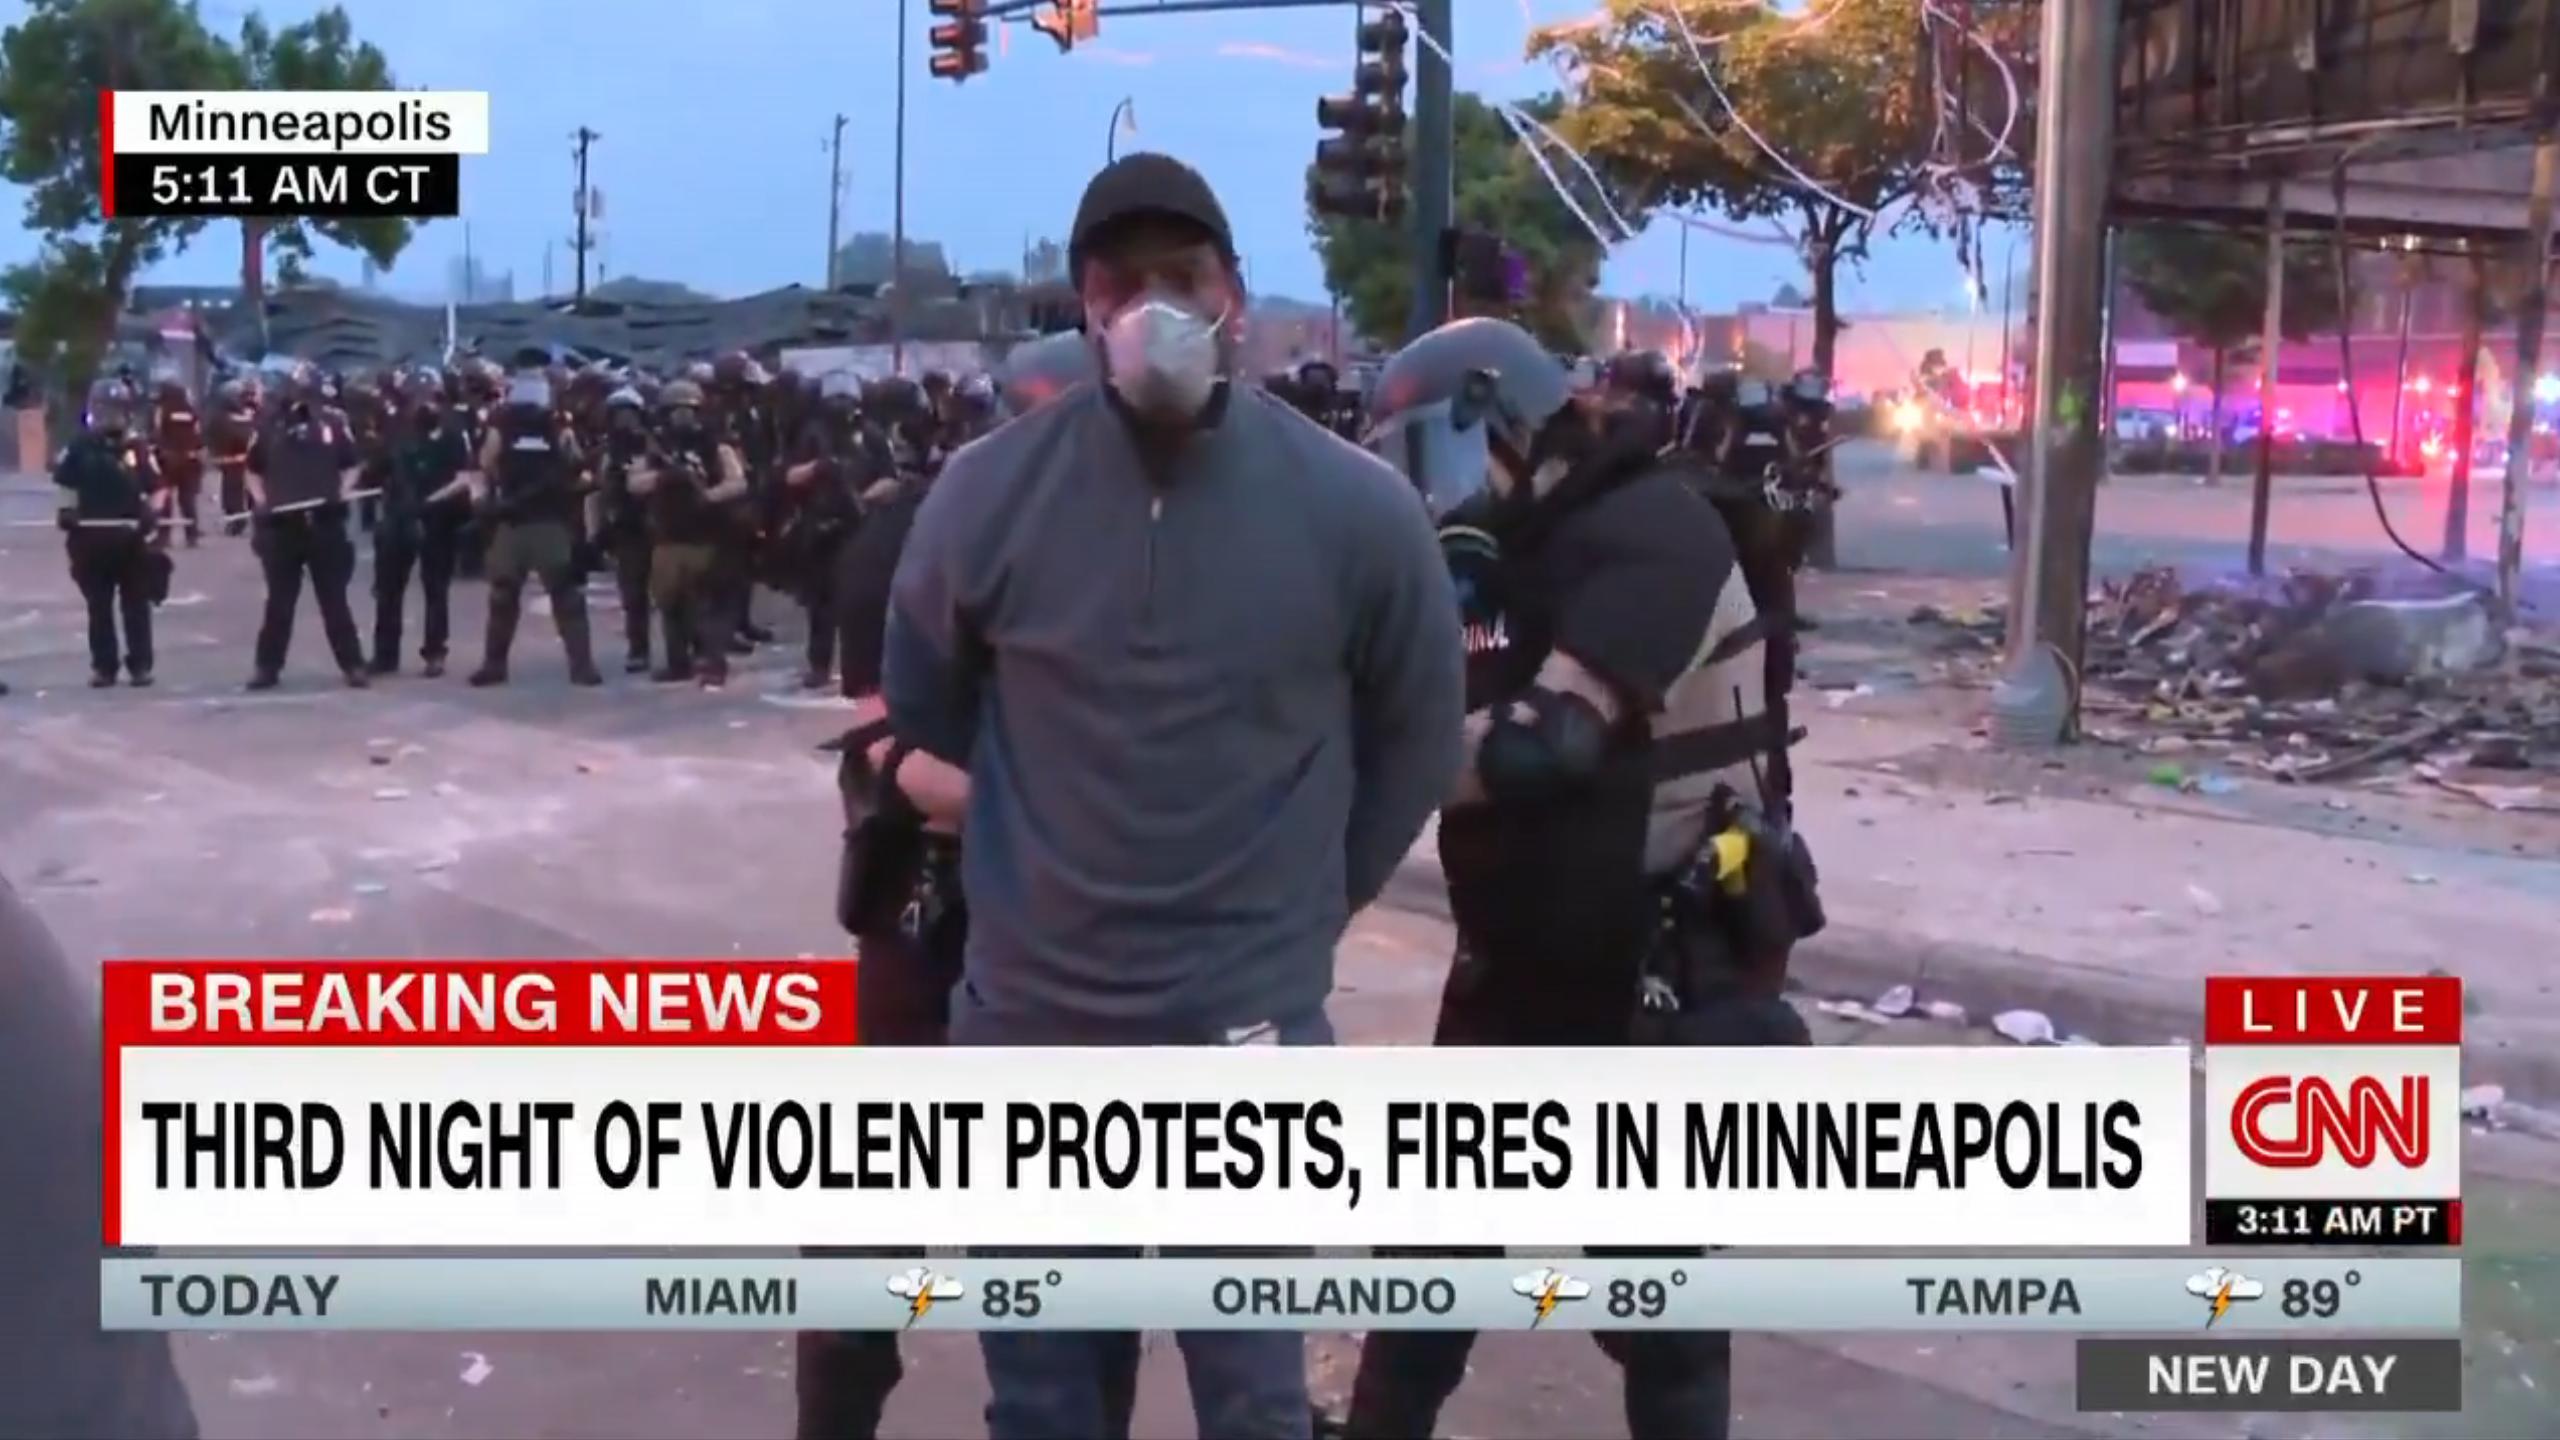 CNN arrest screenshot